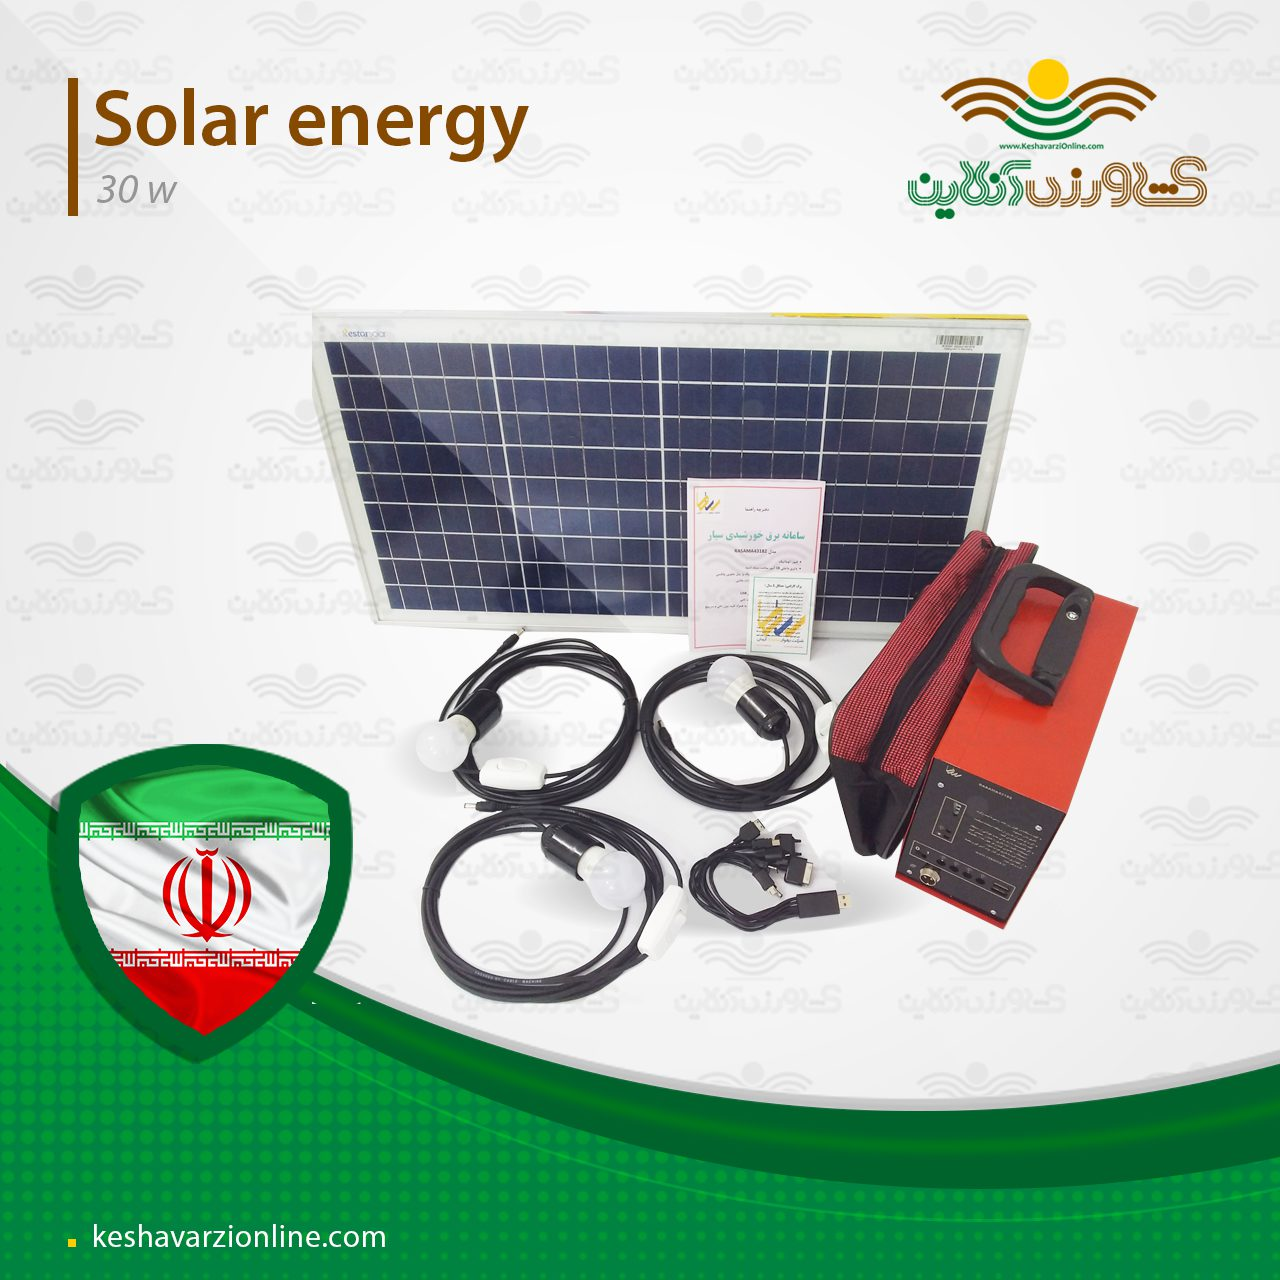 پکیج و پنل برق خورشیدی سیار 30 وات رساما